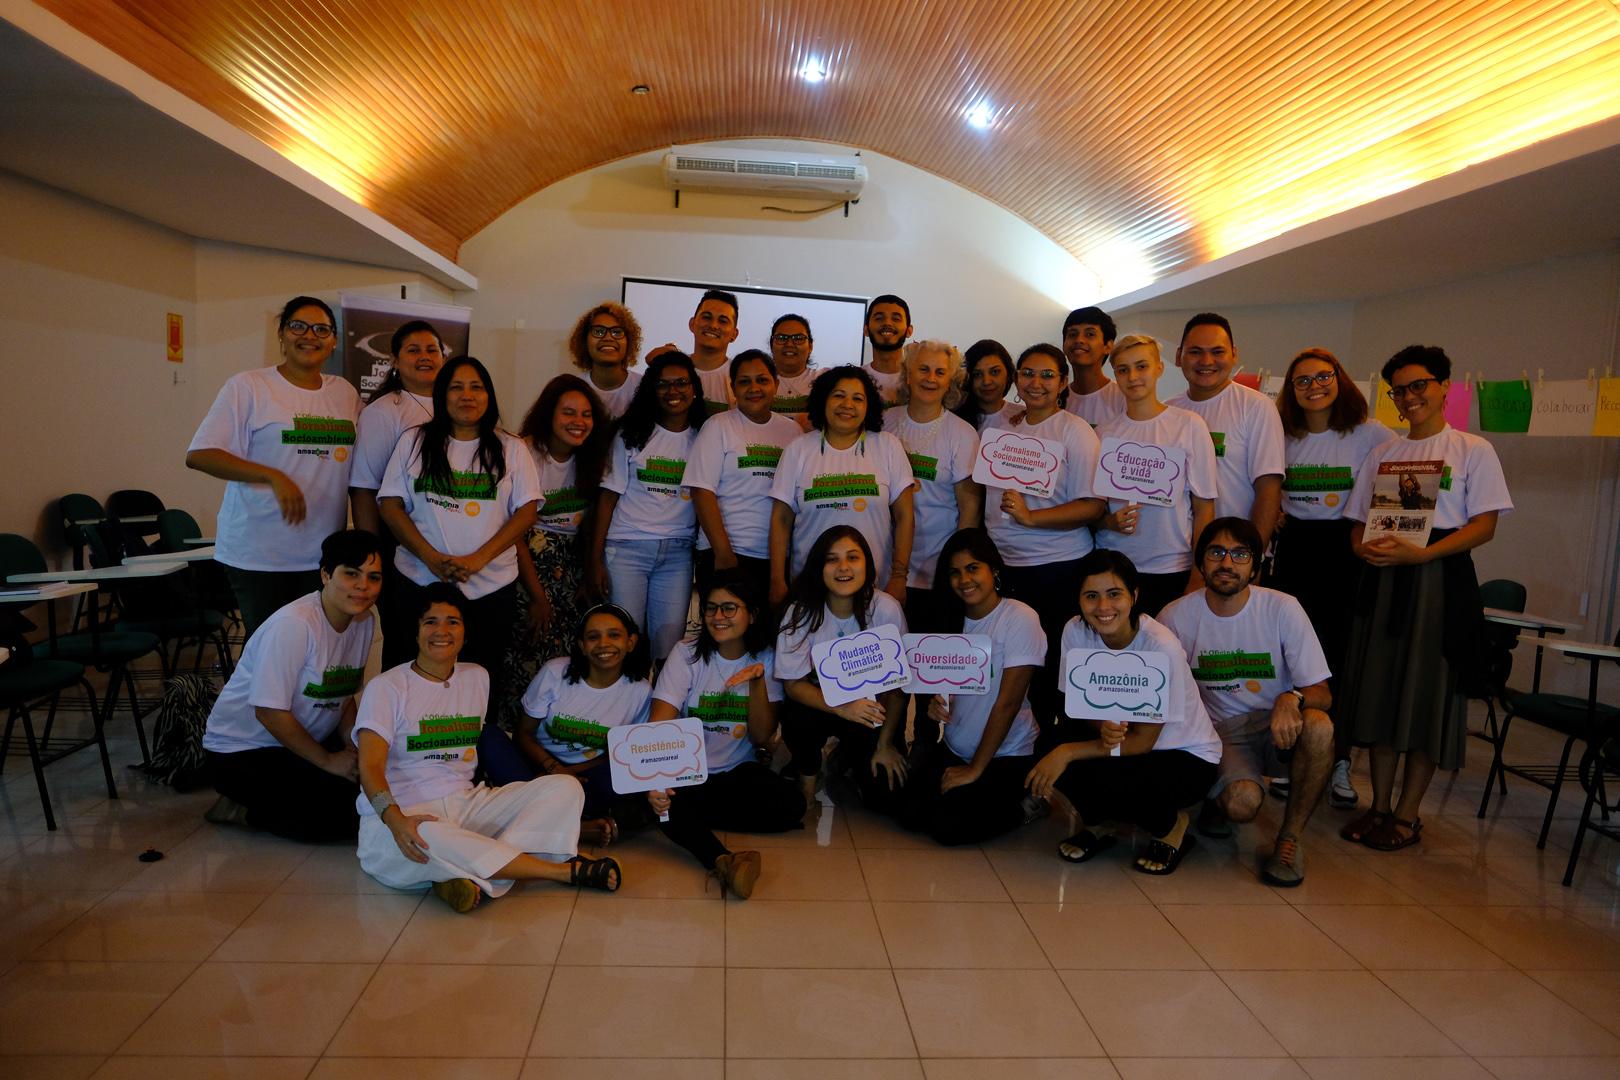 Alunos destacam o aprendizado e o impacto do jornalismo socioambiental após a oficina da Amazônia Real e Climate Tracker